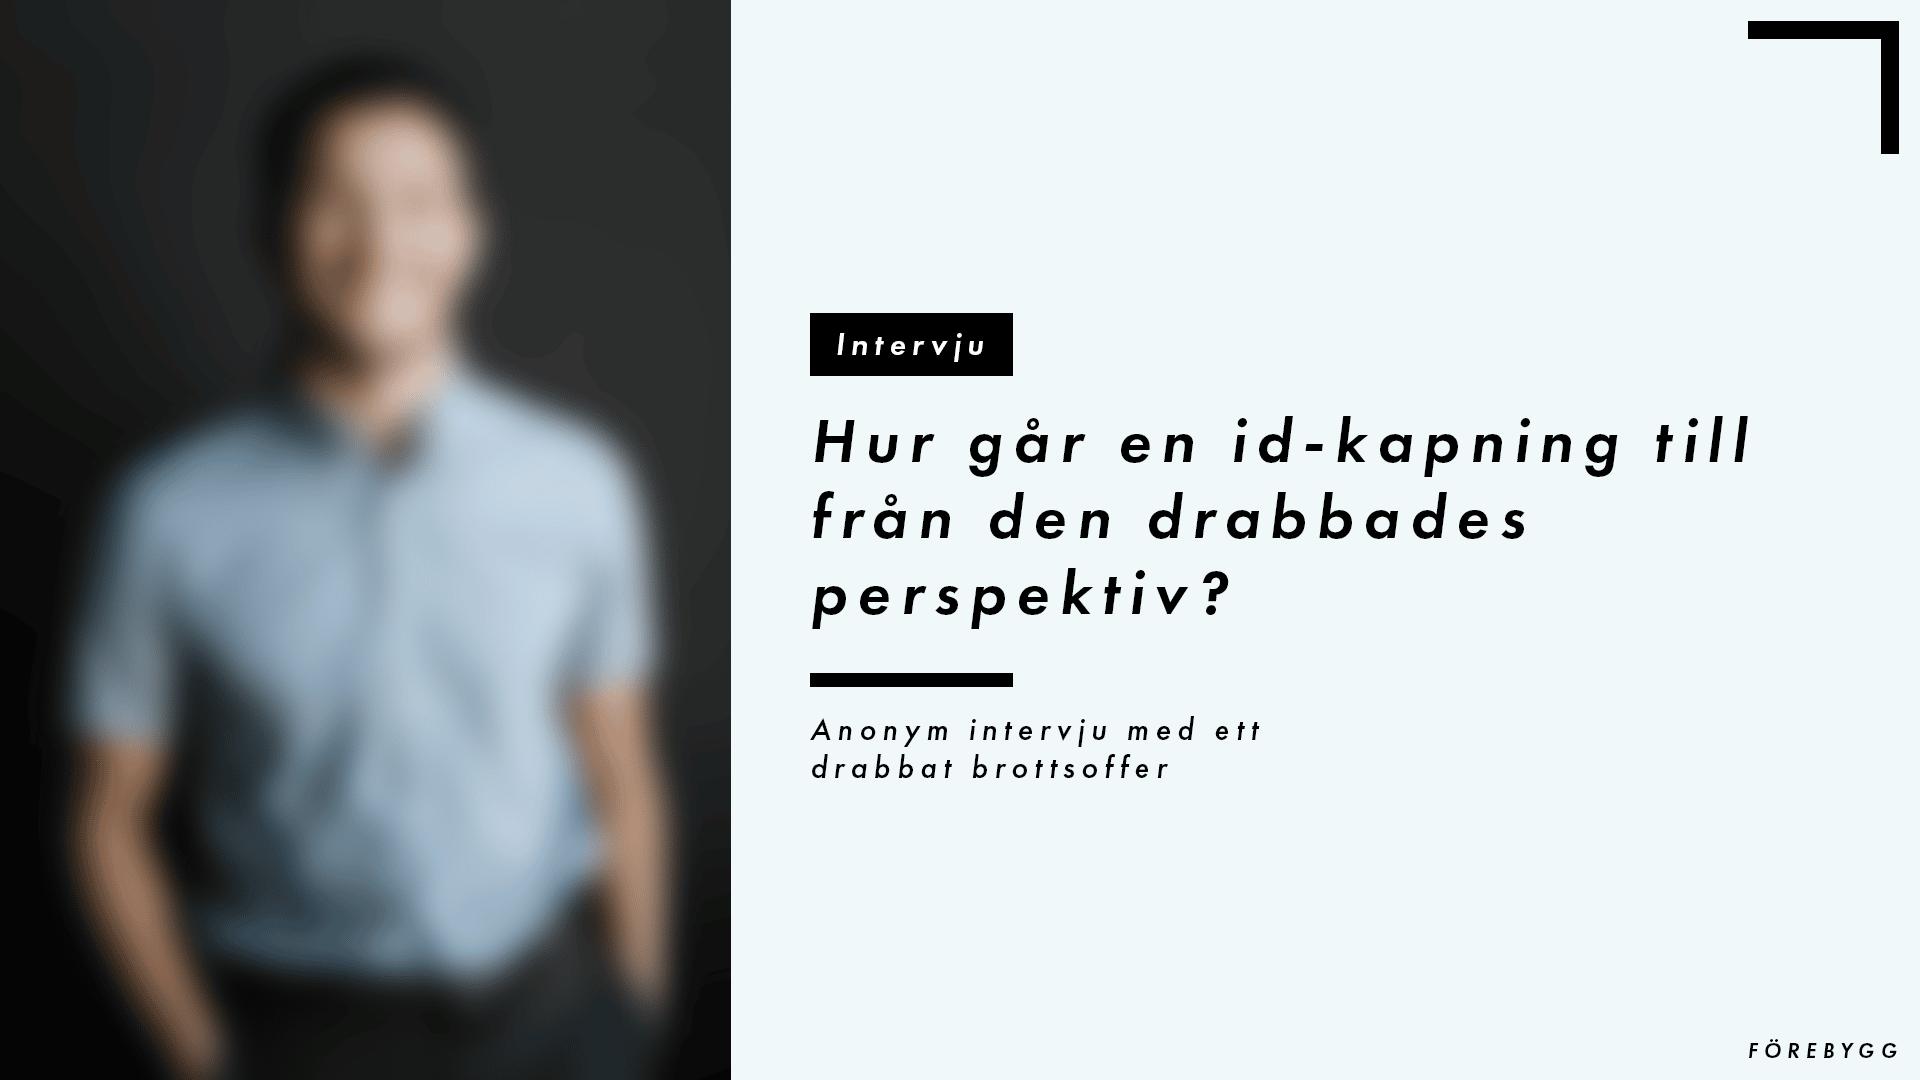 Förebygg - Blogg - Intervju - Anonym id-kapning (Andreas)